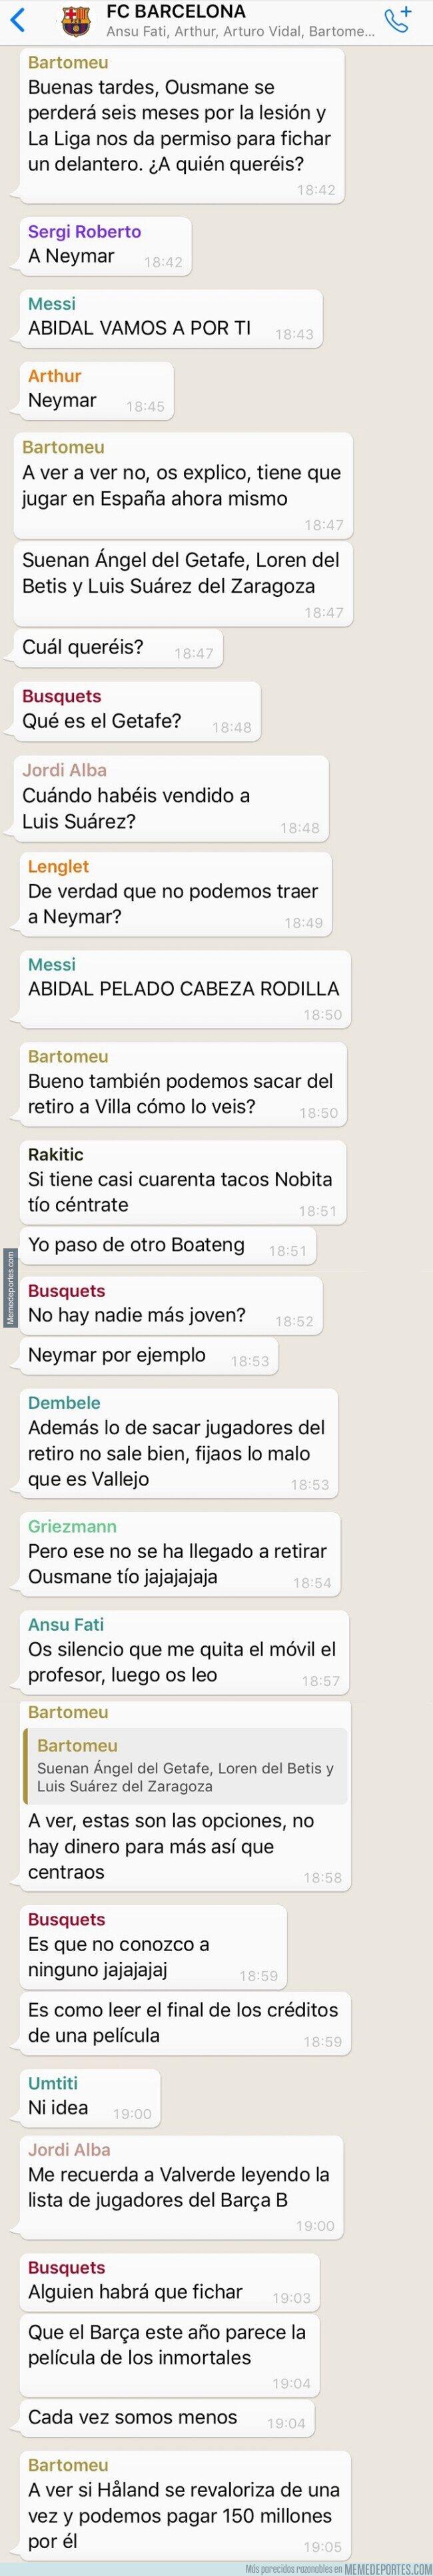 1098195 - Bartomeu pregunta por el delantero idóneo por el grupo de Whatsapp del Barça, por @deportes4parodia